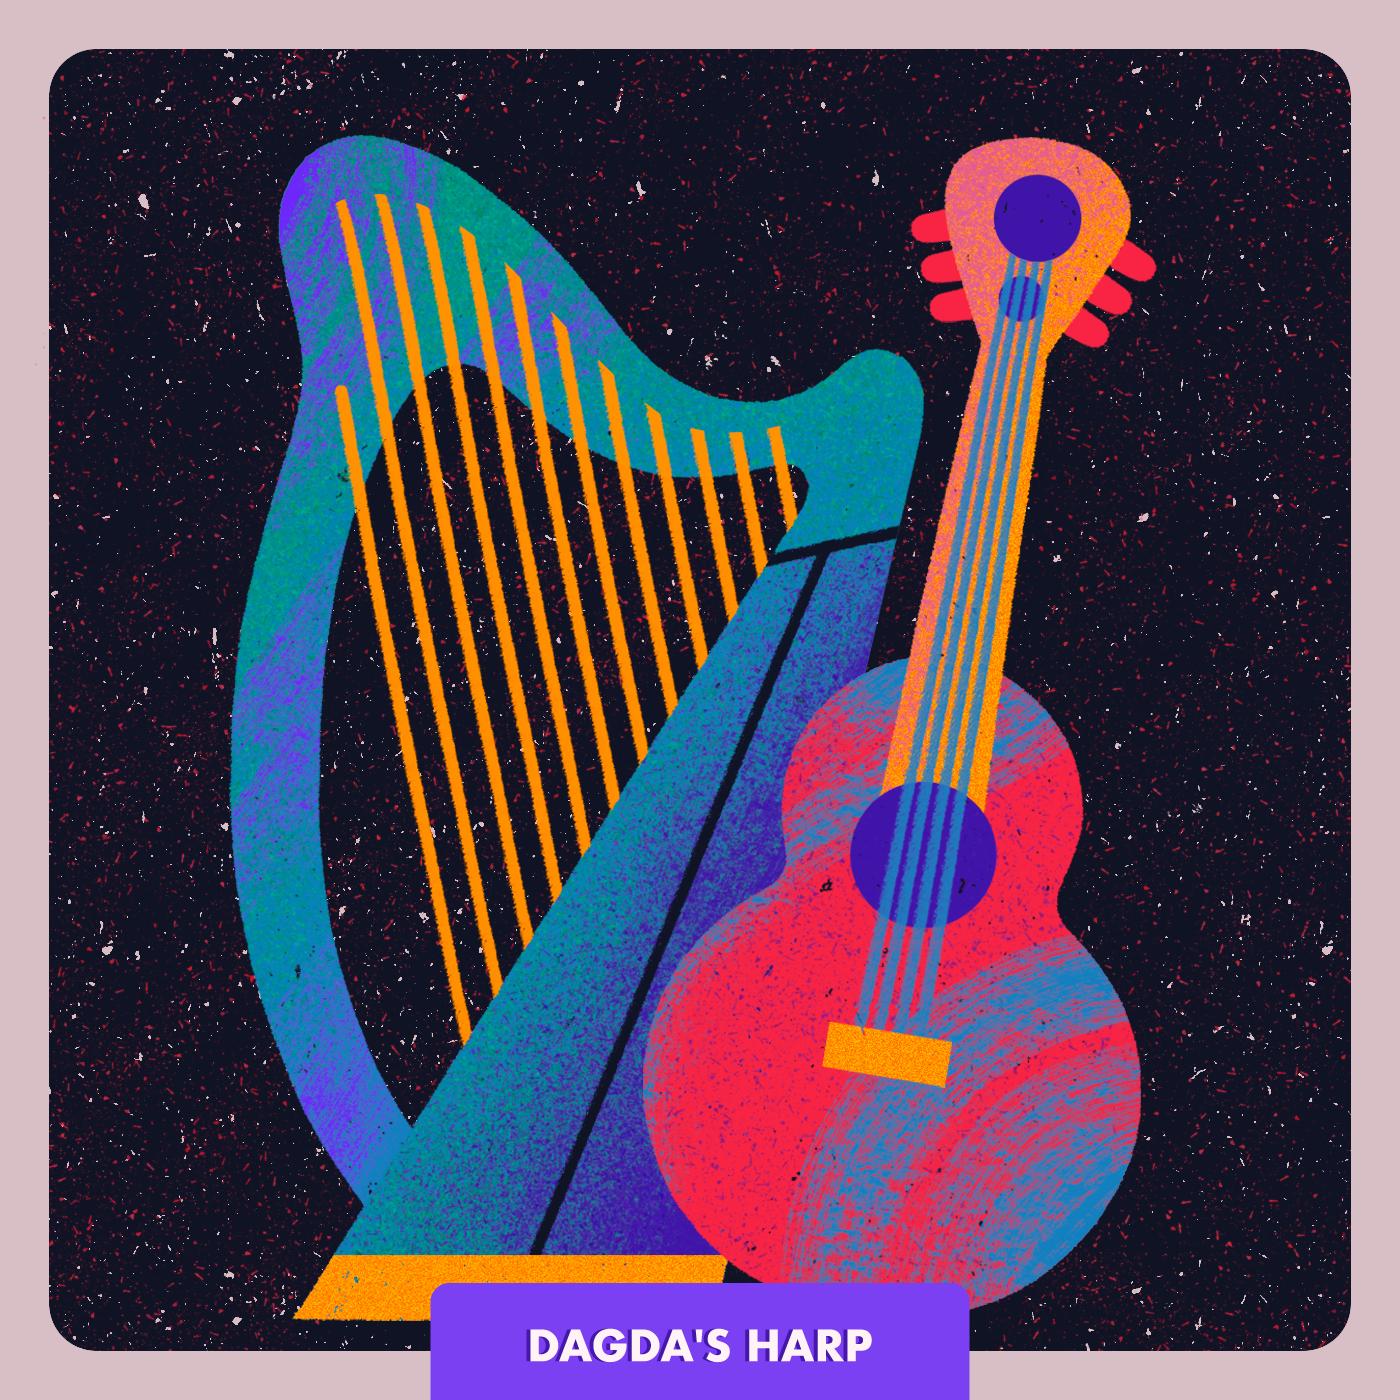 Dagda's Harp